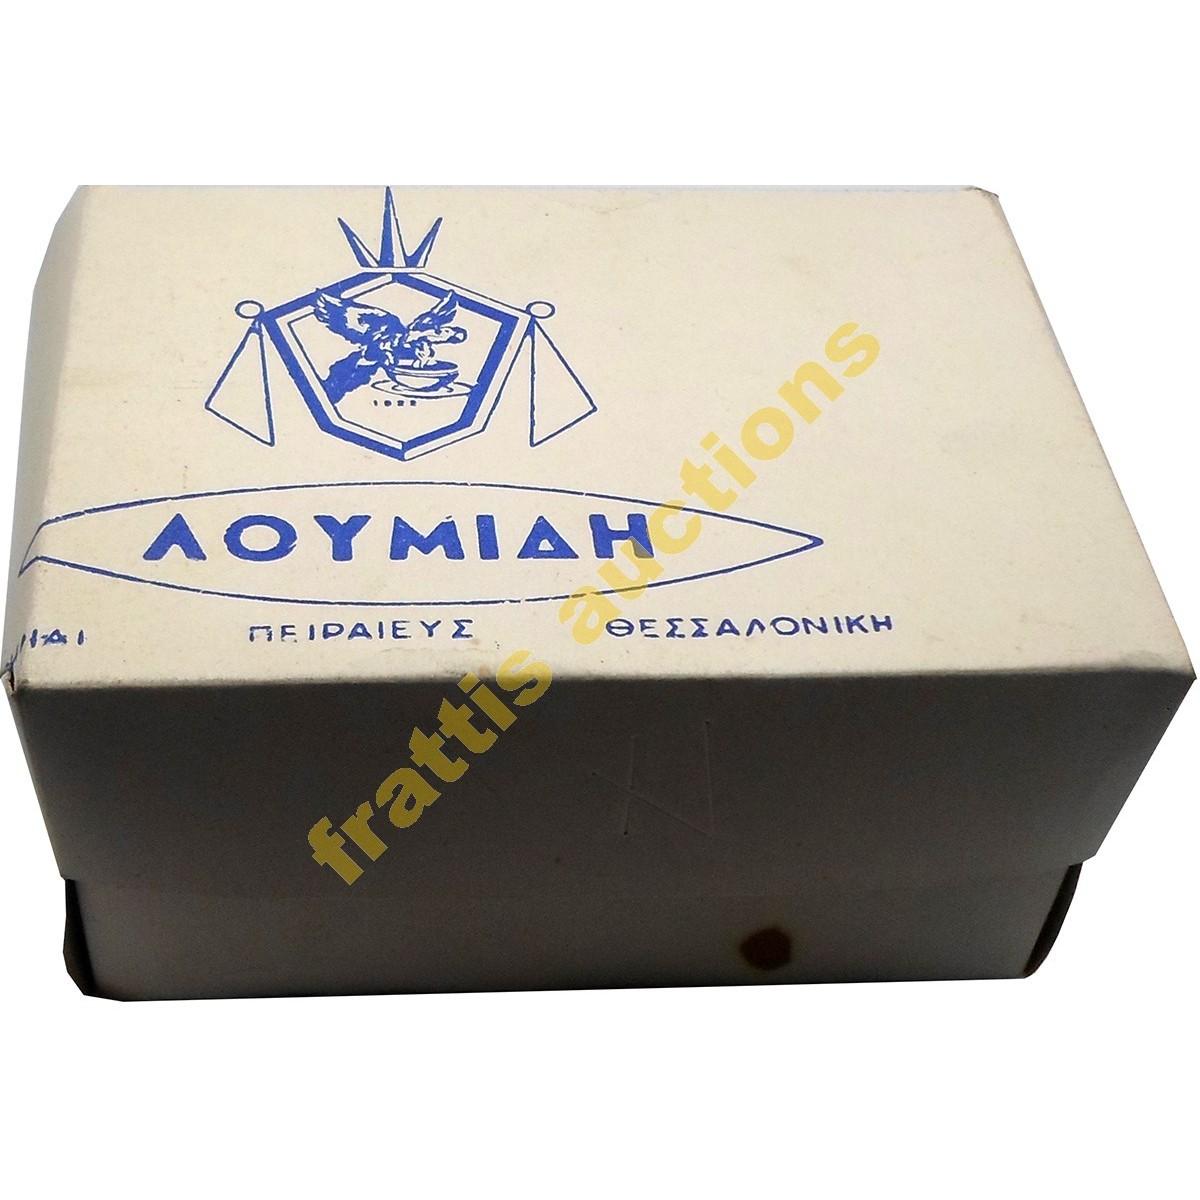 Λουμίδης Ζαχαροπλαστείον, Χάρτινο κουτί.